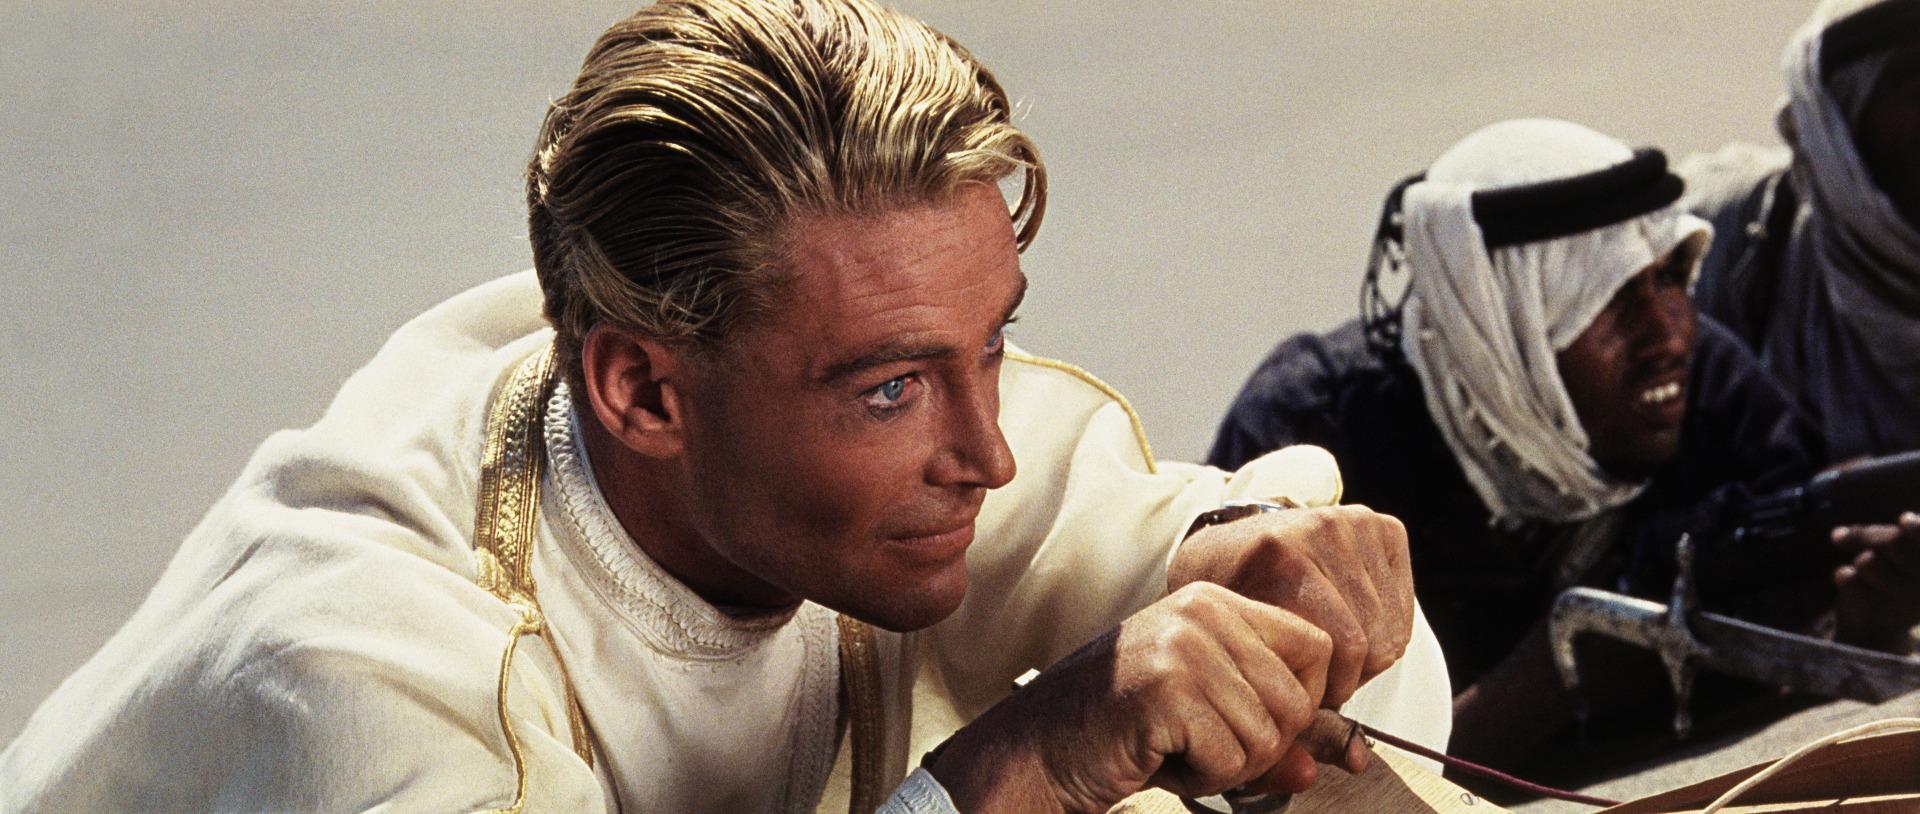 Photo du film Lawrence d'Arabie - Photo 1 sur 16 - AlloCiné Alec Guinness